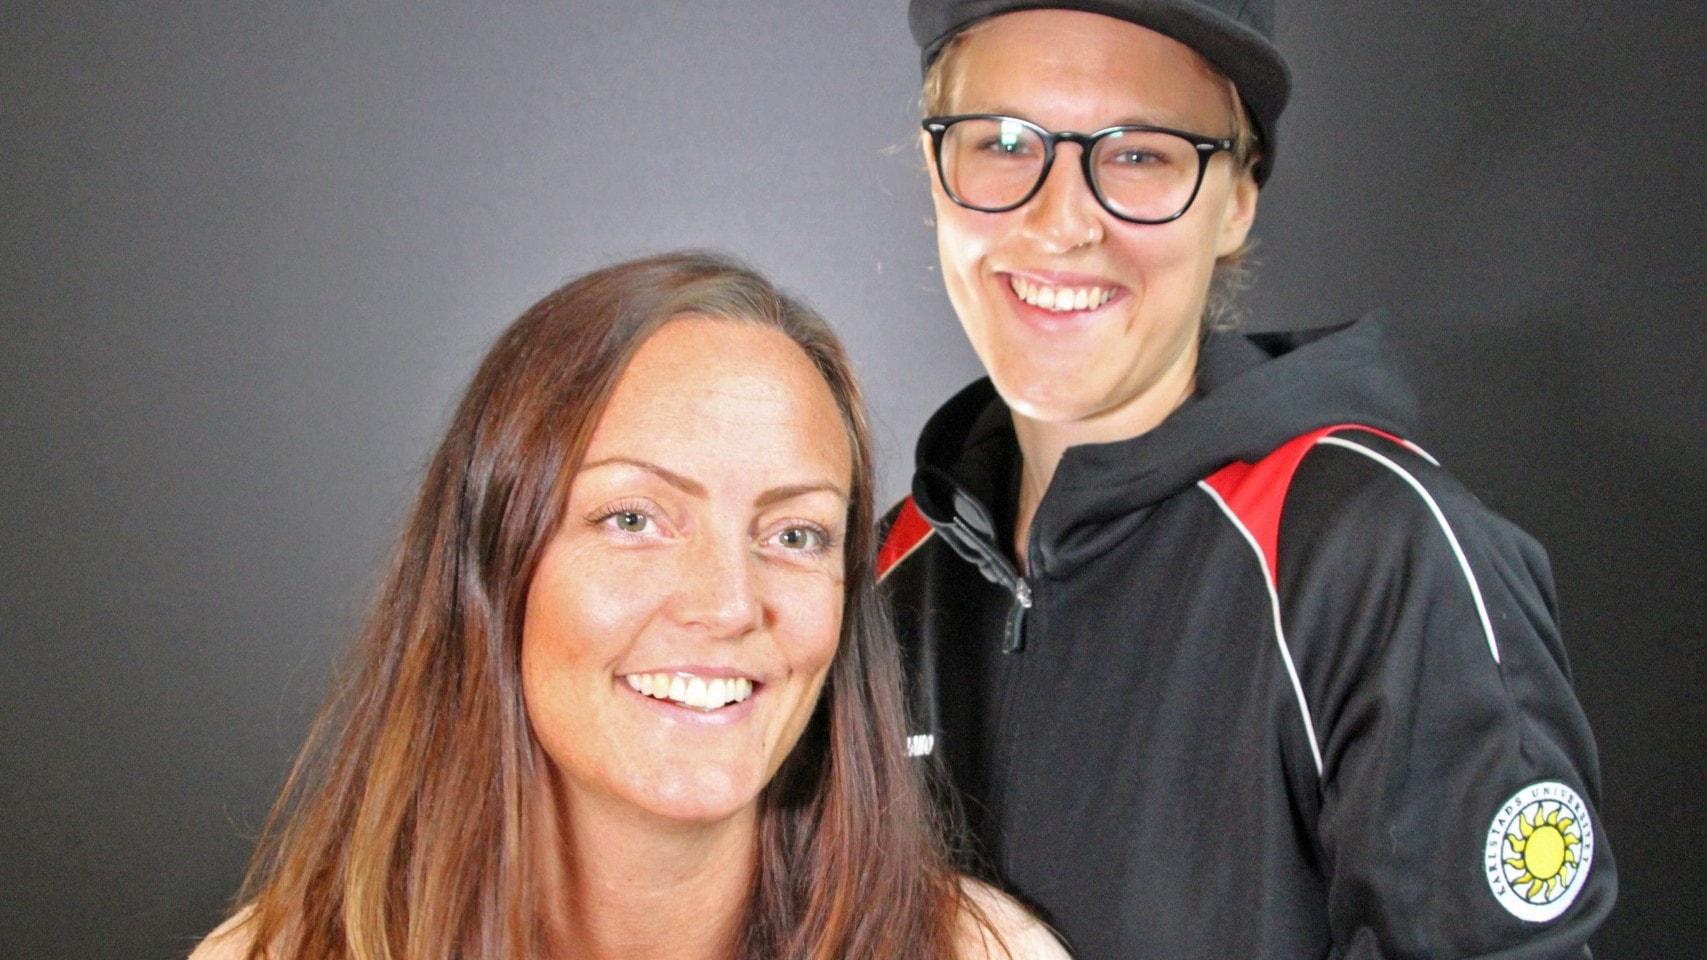 sångare dating idrottare Varför kan kol datering användas på stenar